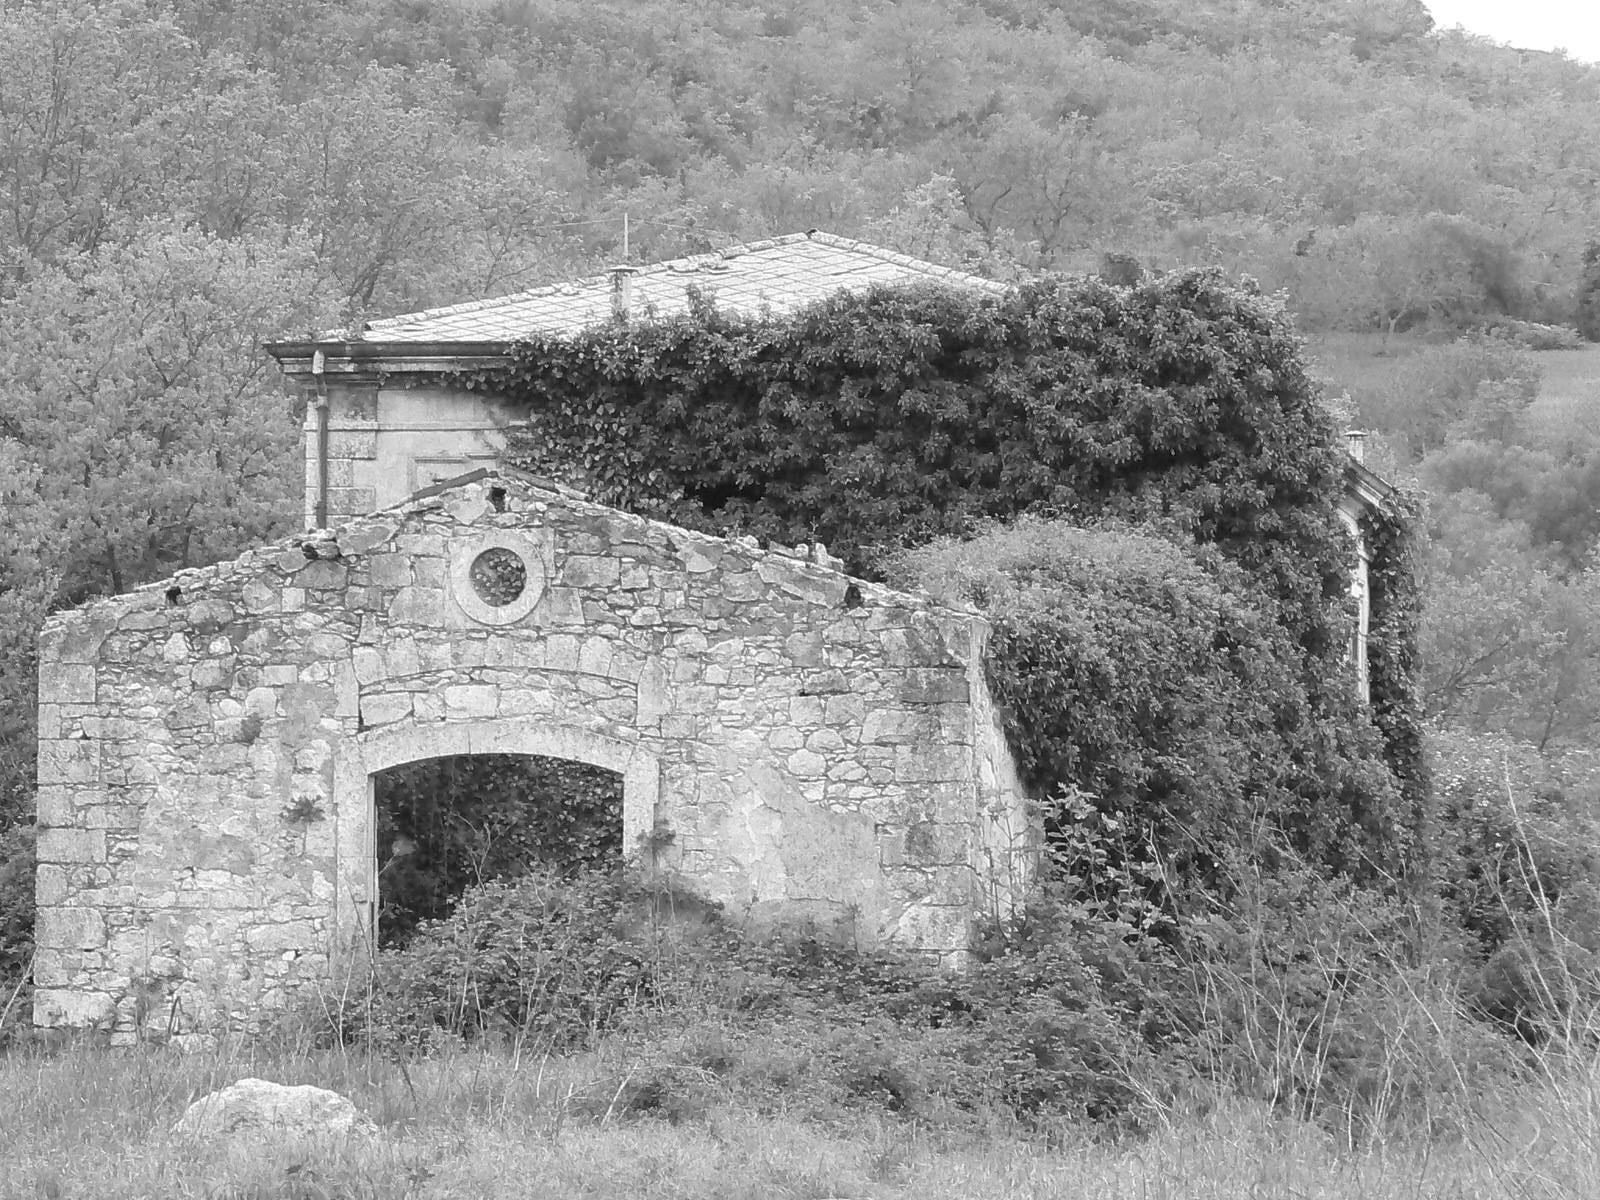 Un rudere dell'ex stazione ferroviaria di Palazzolo Acreide